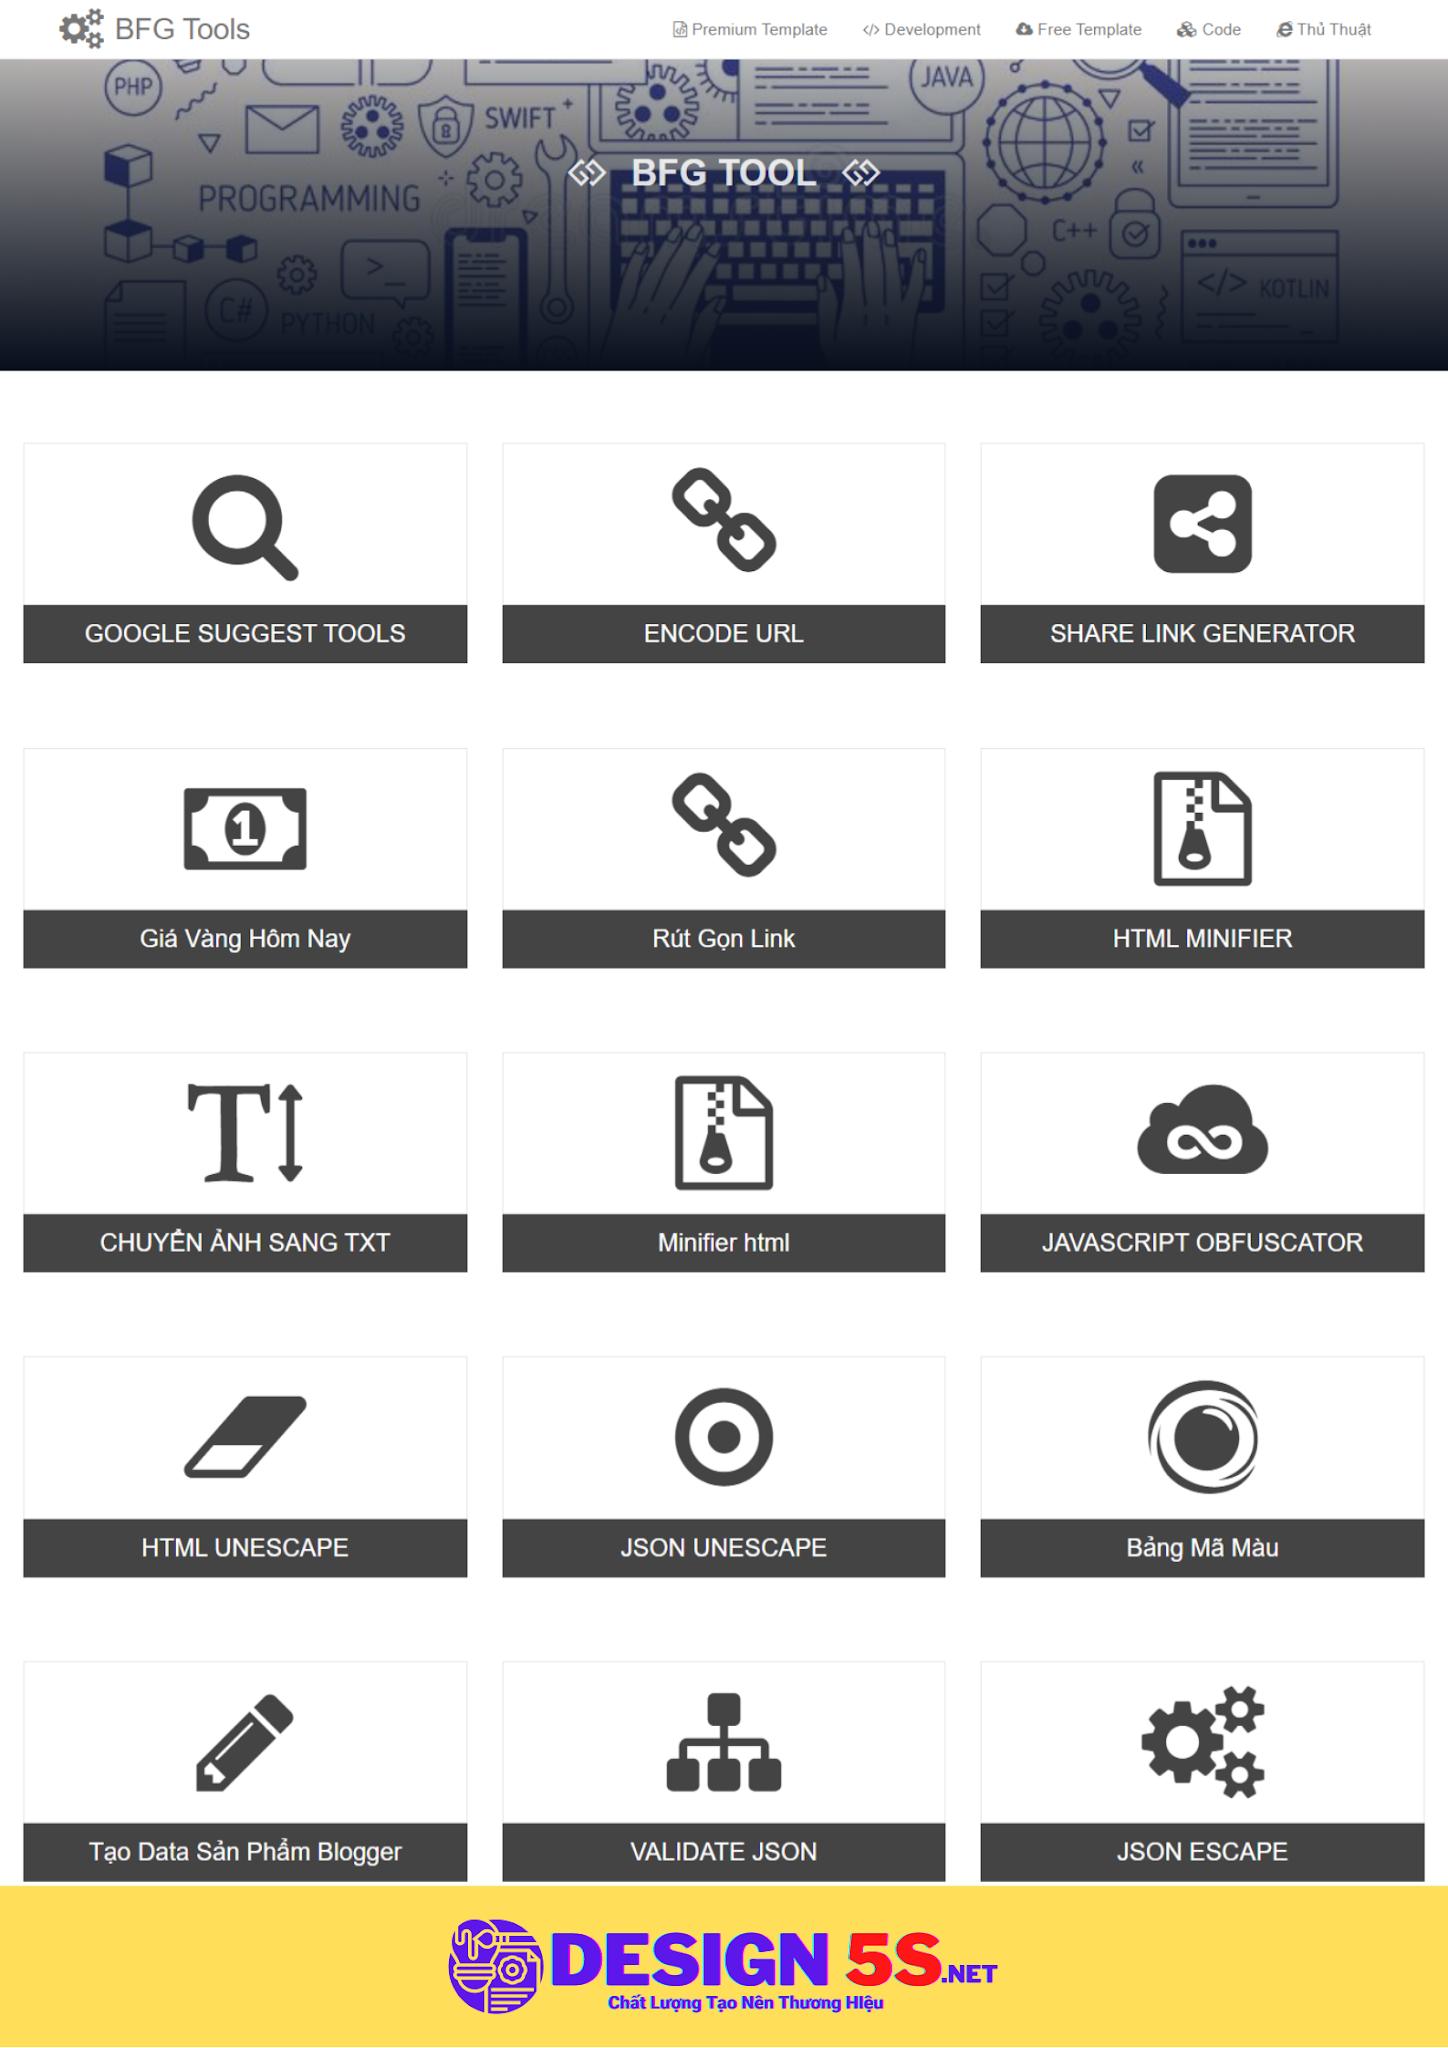 Theme Công Cụ Web - Tiện ích Hỗ Trợ Web Design VSM13 - Ảnh 1